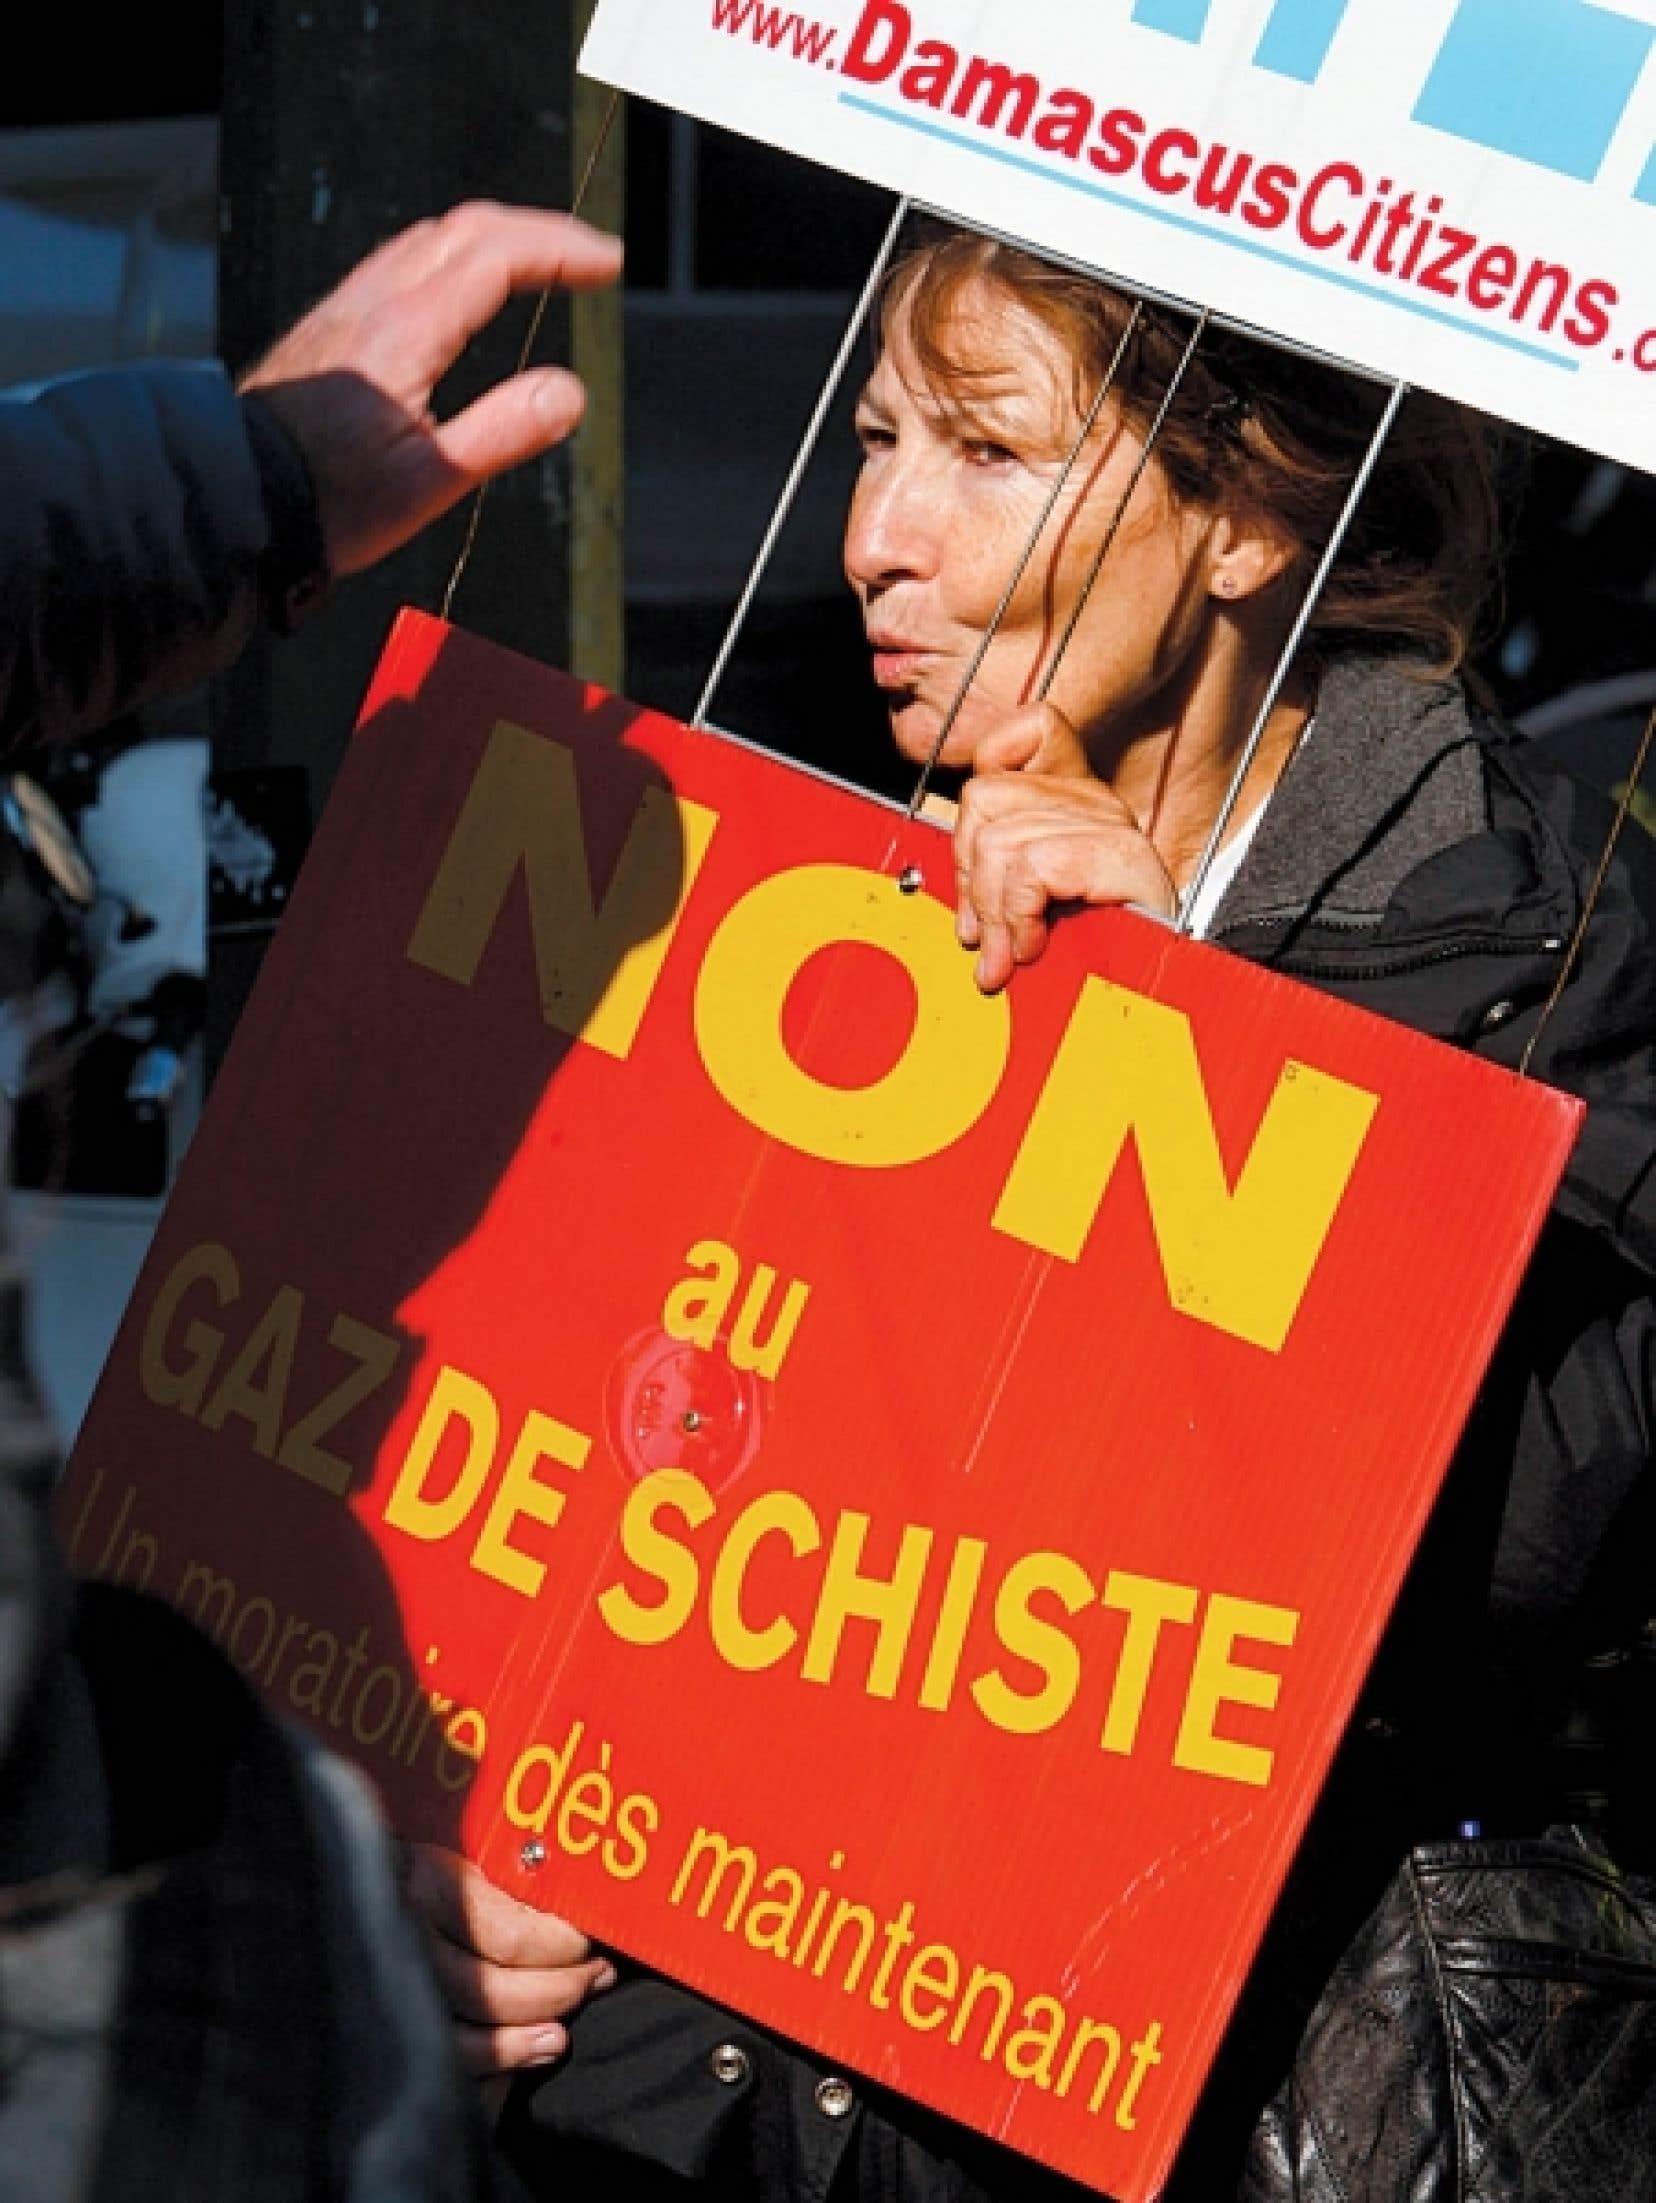 Quelques dizaines d'opposants au gaz de schiste ont manifesté hier devant le lieu où se réunissaient les représentants de l'industrie.<br />